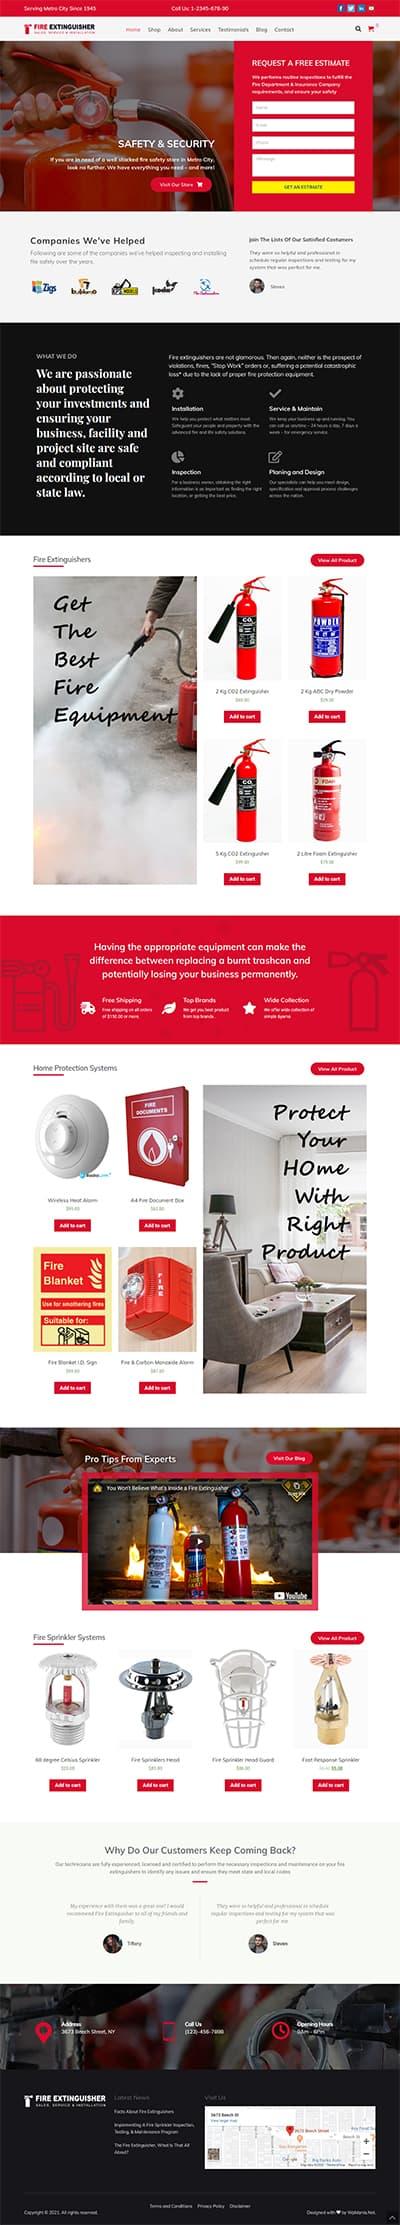 Fire Extinguisher WORDPRESS THEME Full Demo